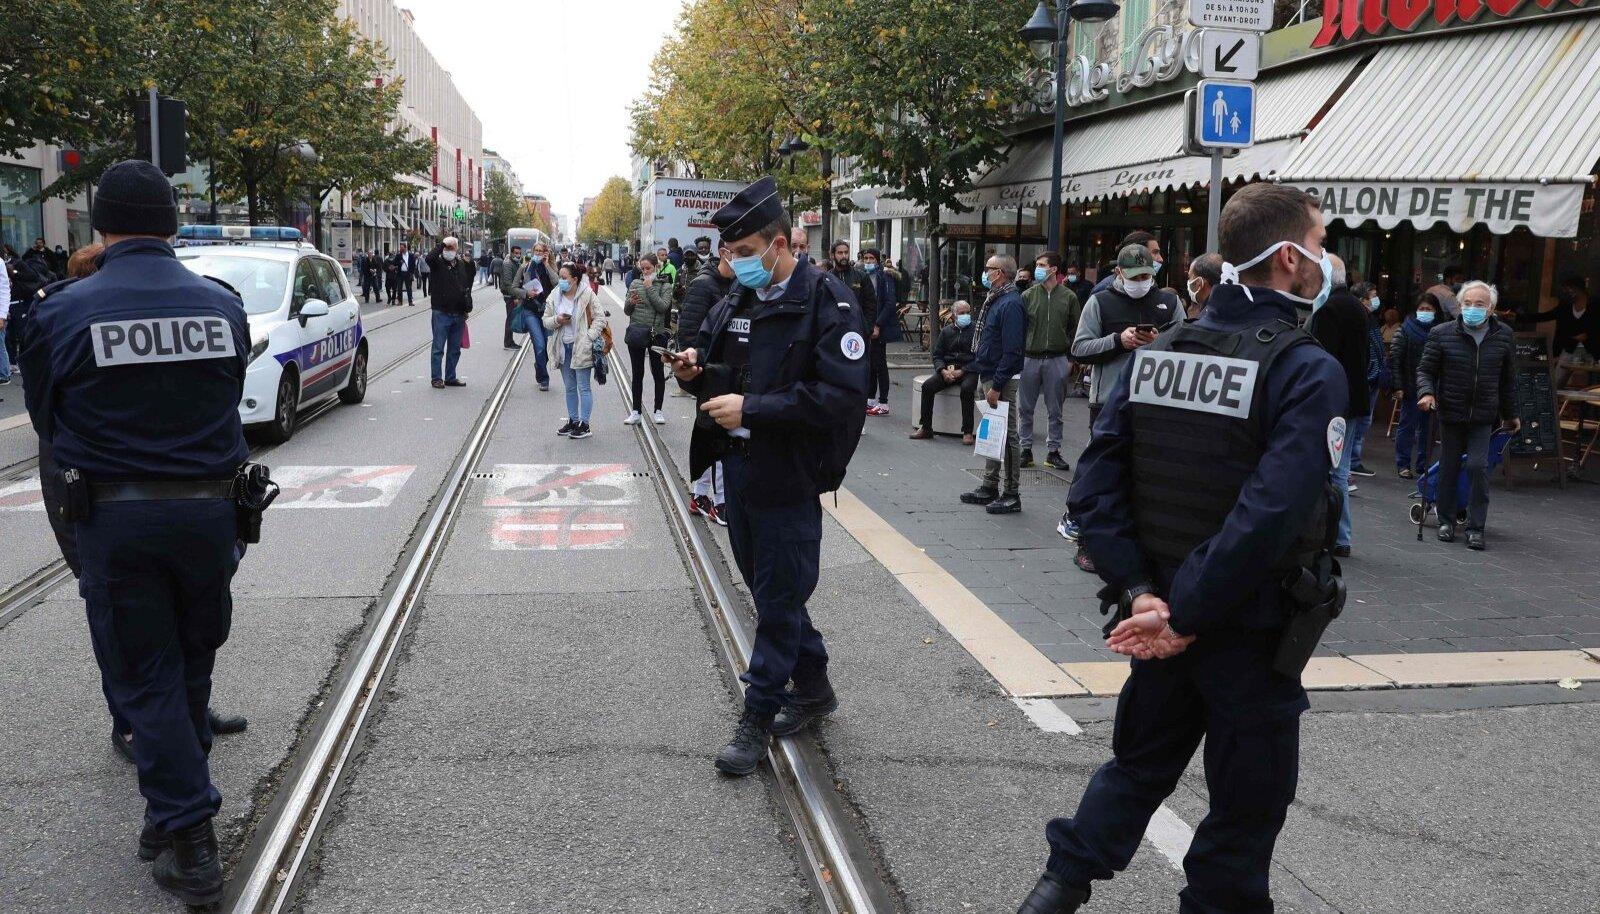 Maskikandmise kohustus ühistranspordis, poodides ja tänavatel on muutunud Prantsusmaal tavaliseks.